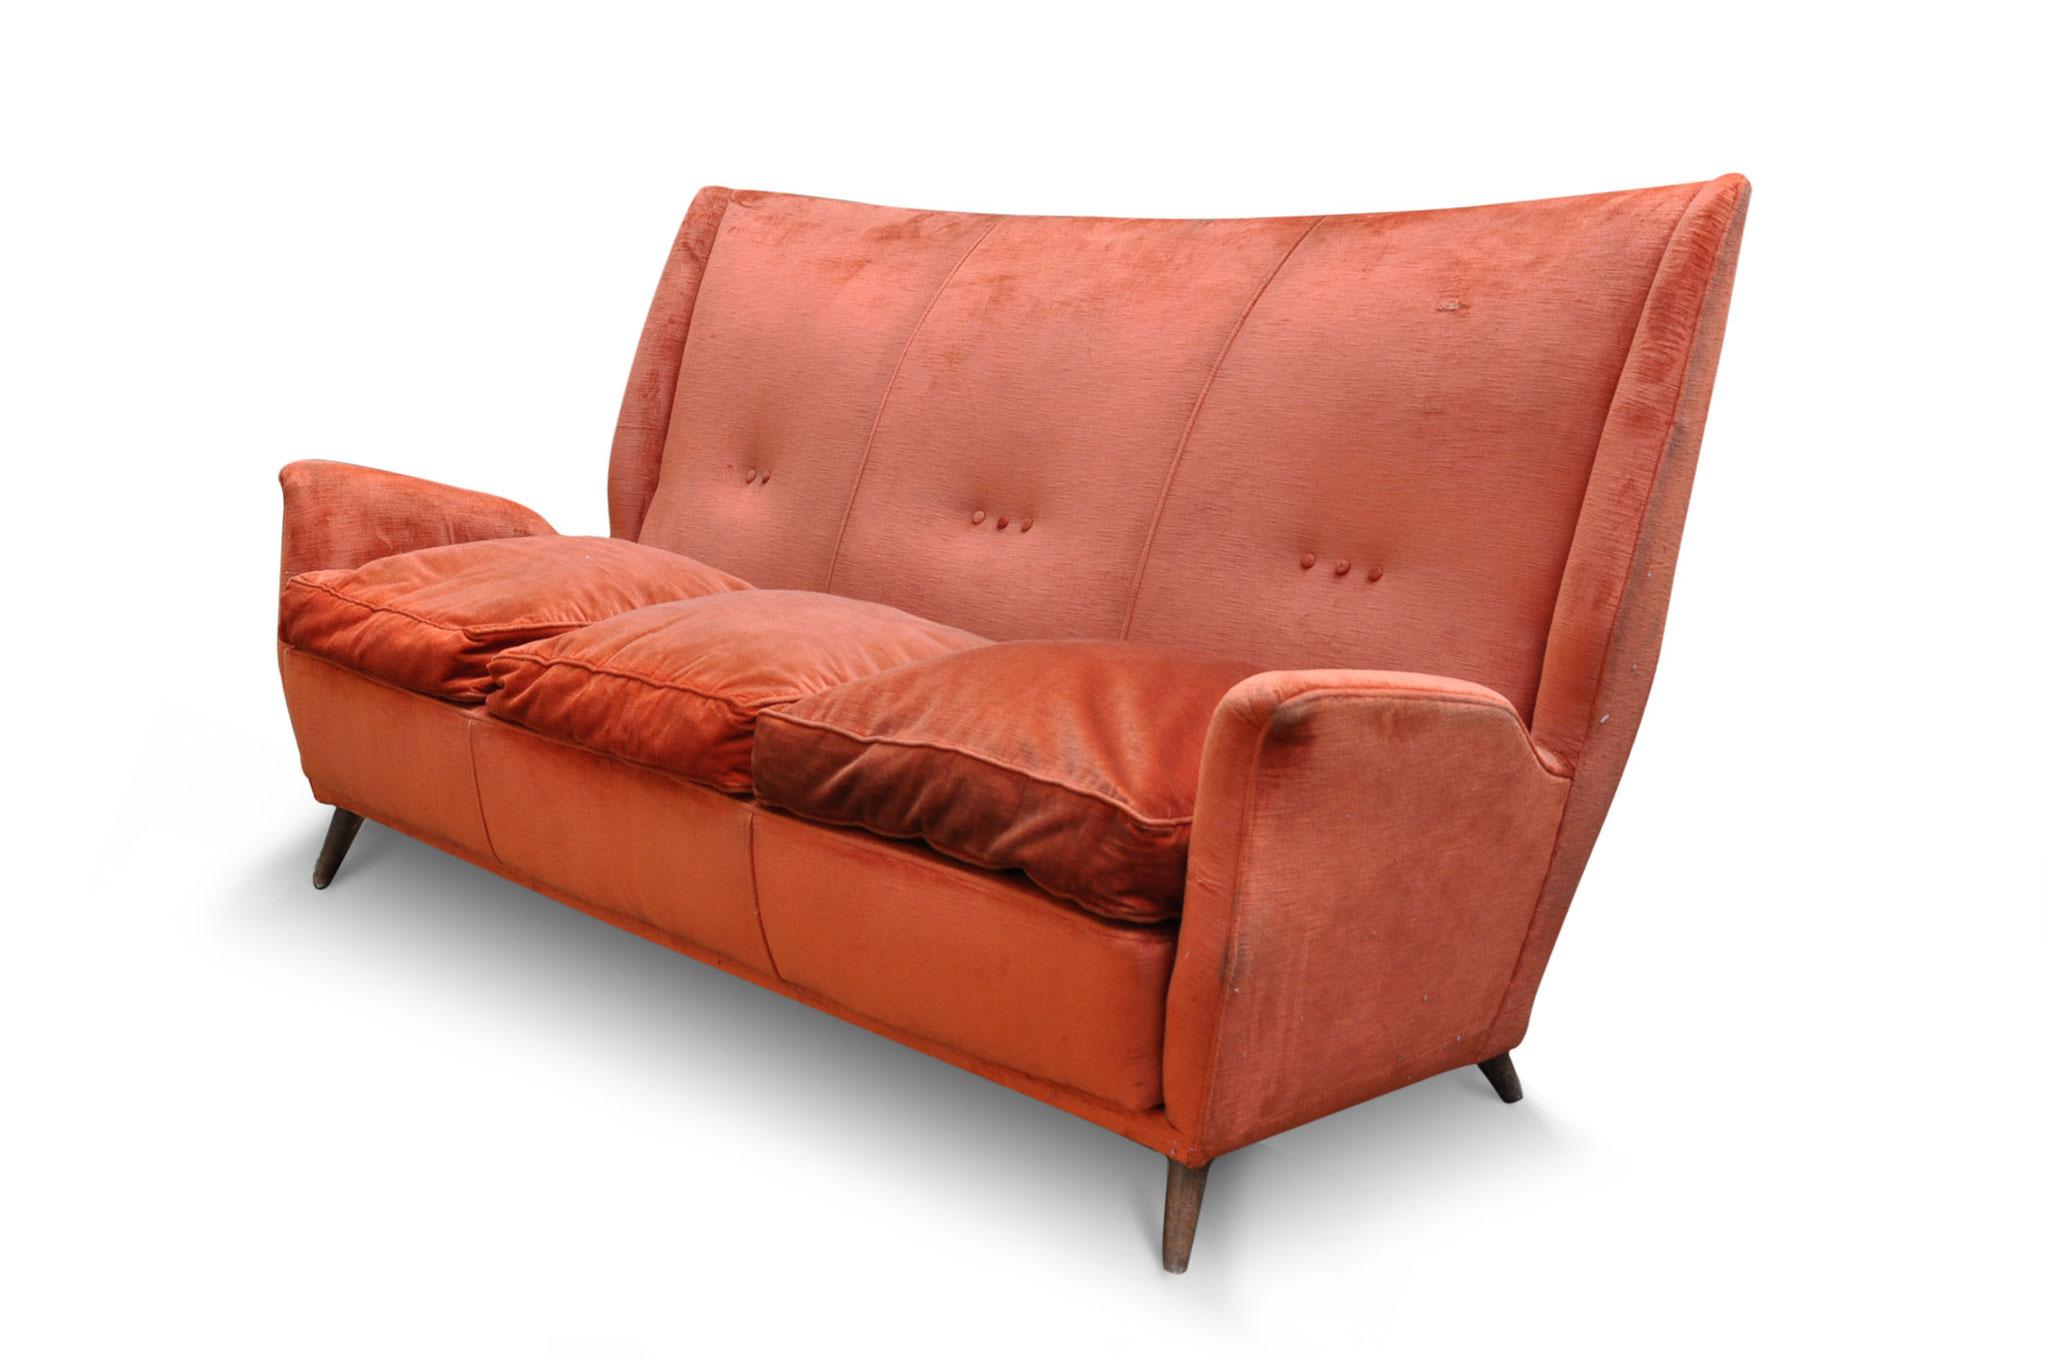 vinta sofa Gio Ponti